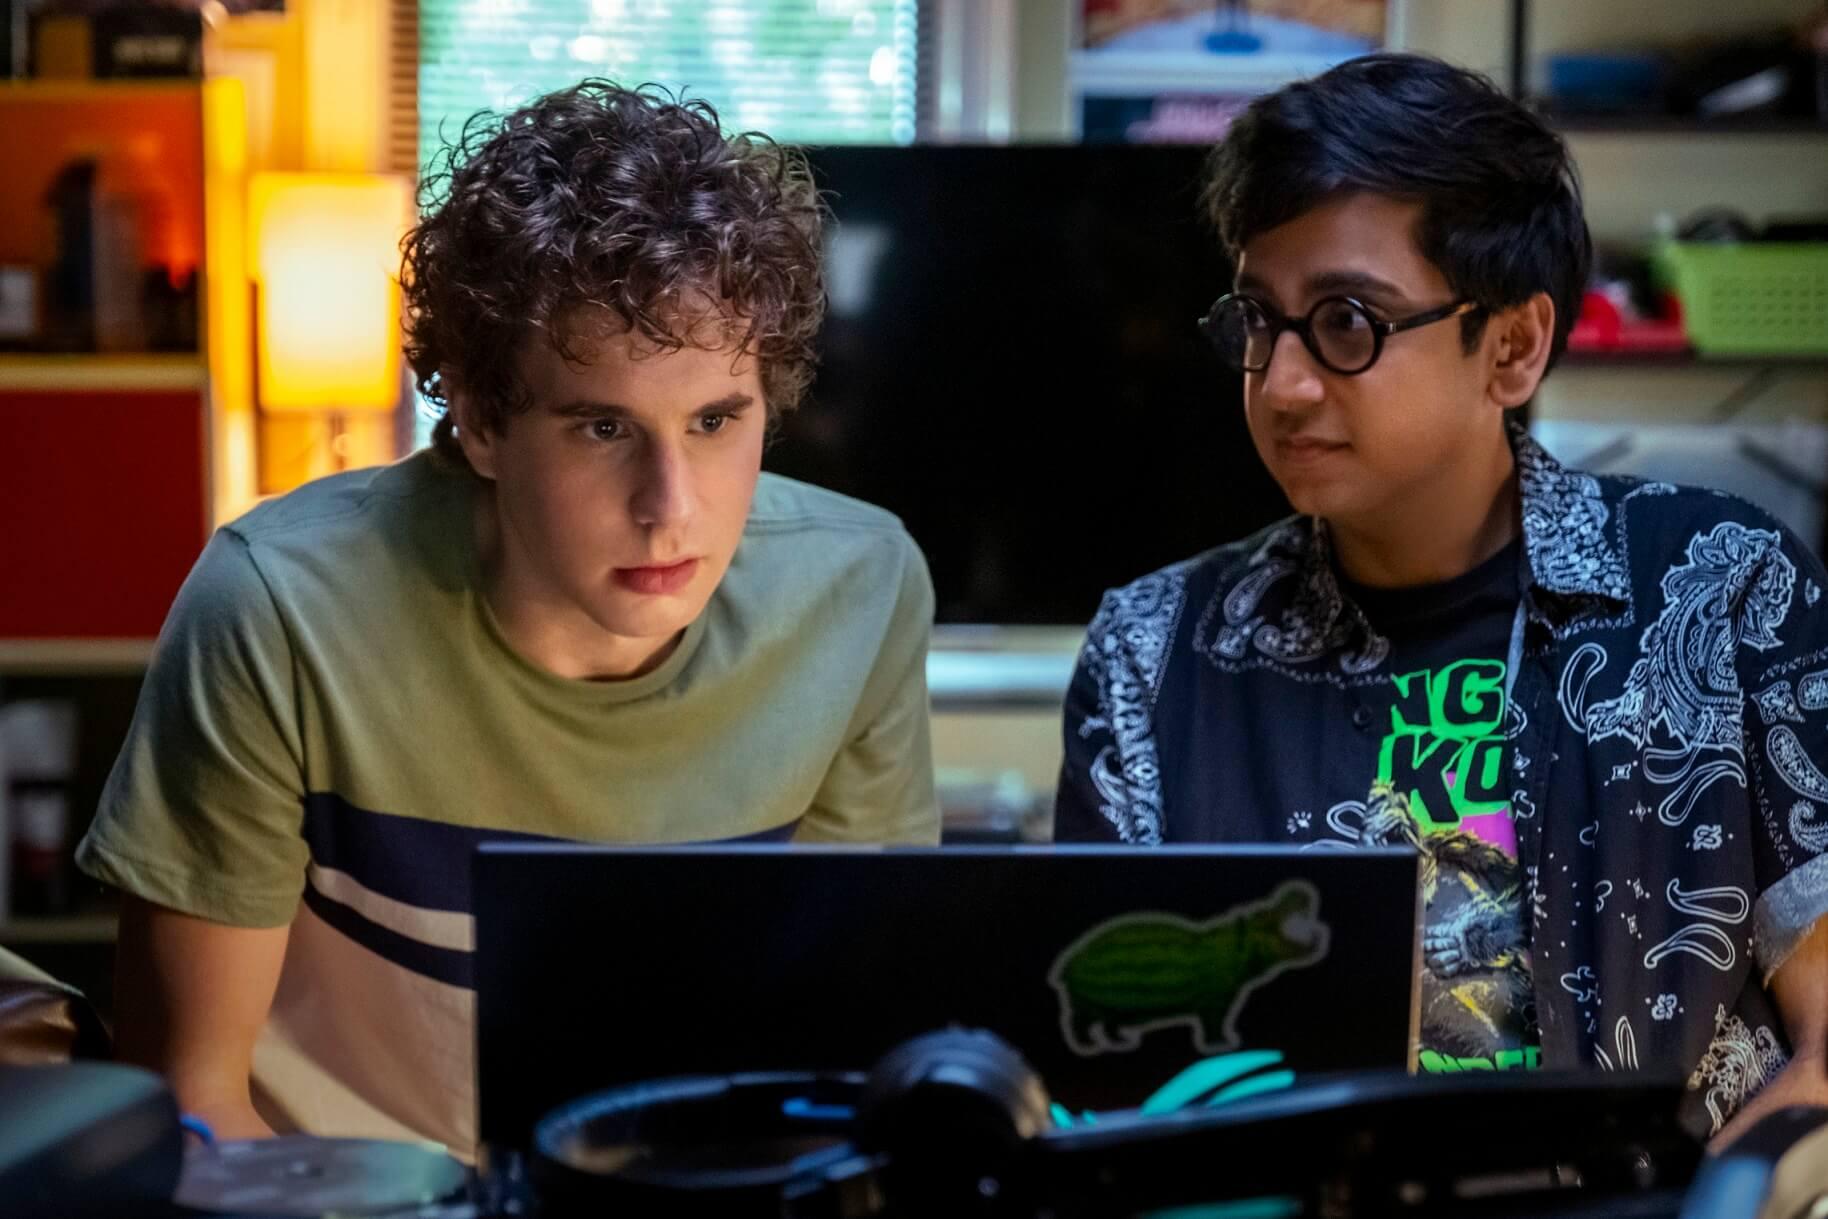 エヴァンと同級生ジャレッド